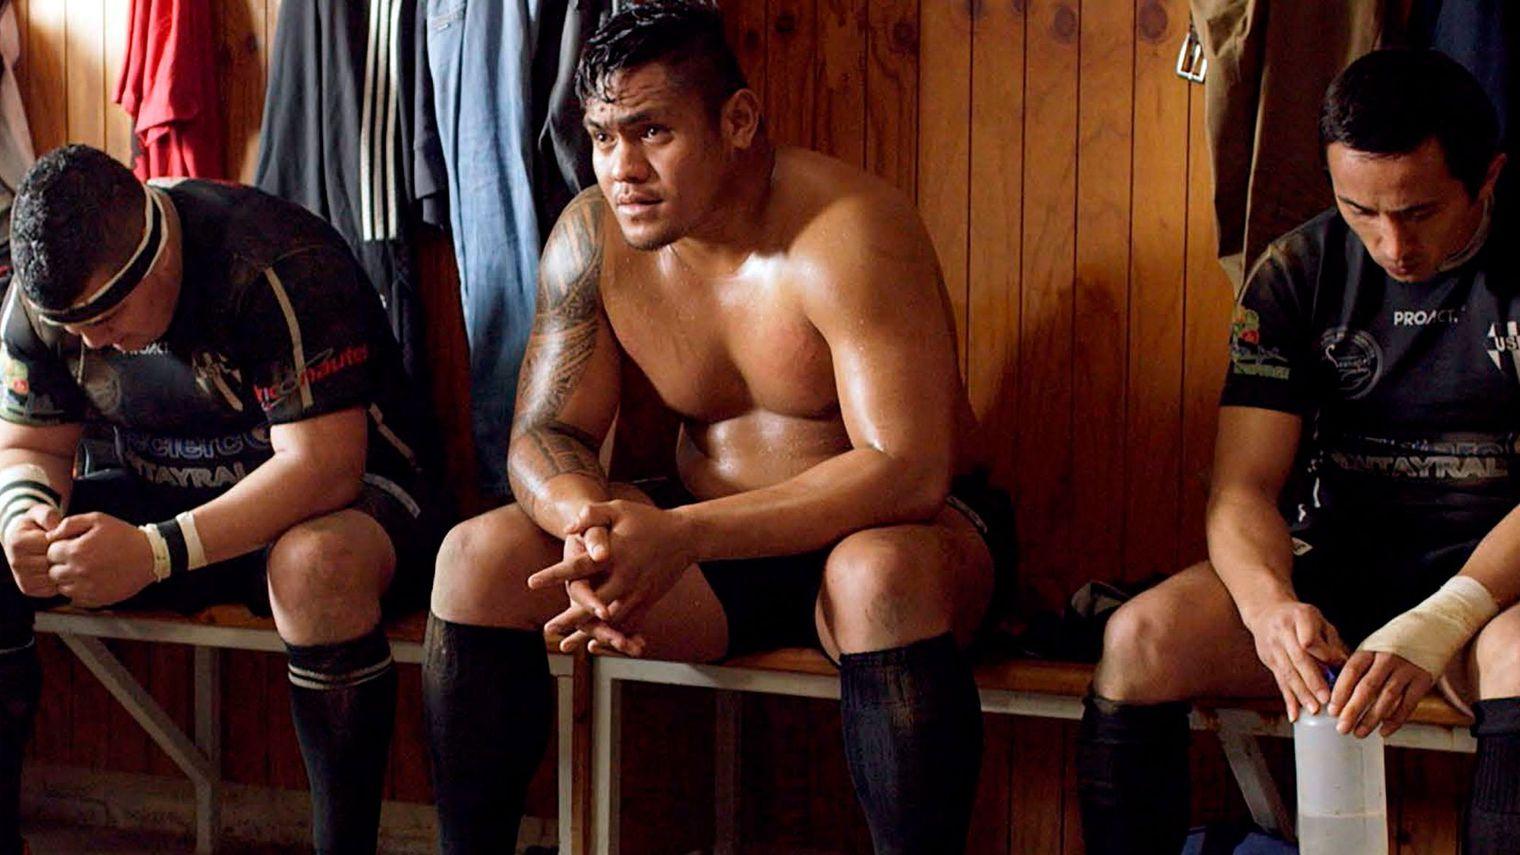 Dans Mercenaire, Toki Pilioko campe le personnage de Soane, jeune wallisien de Nouvelle-Calédonie qui intègre un petit club de rugby dans le Sud-ouest de la France  ©DR